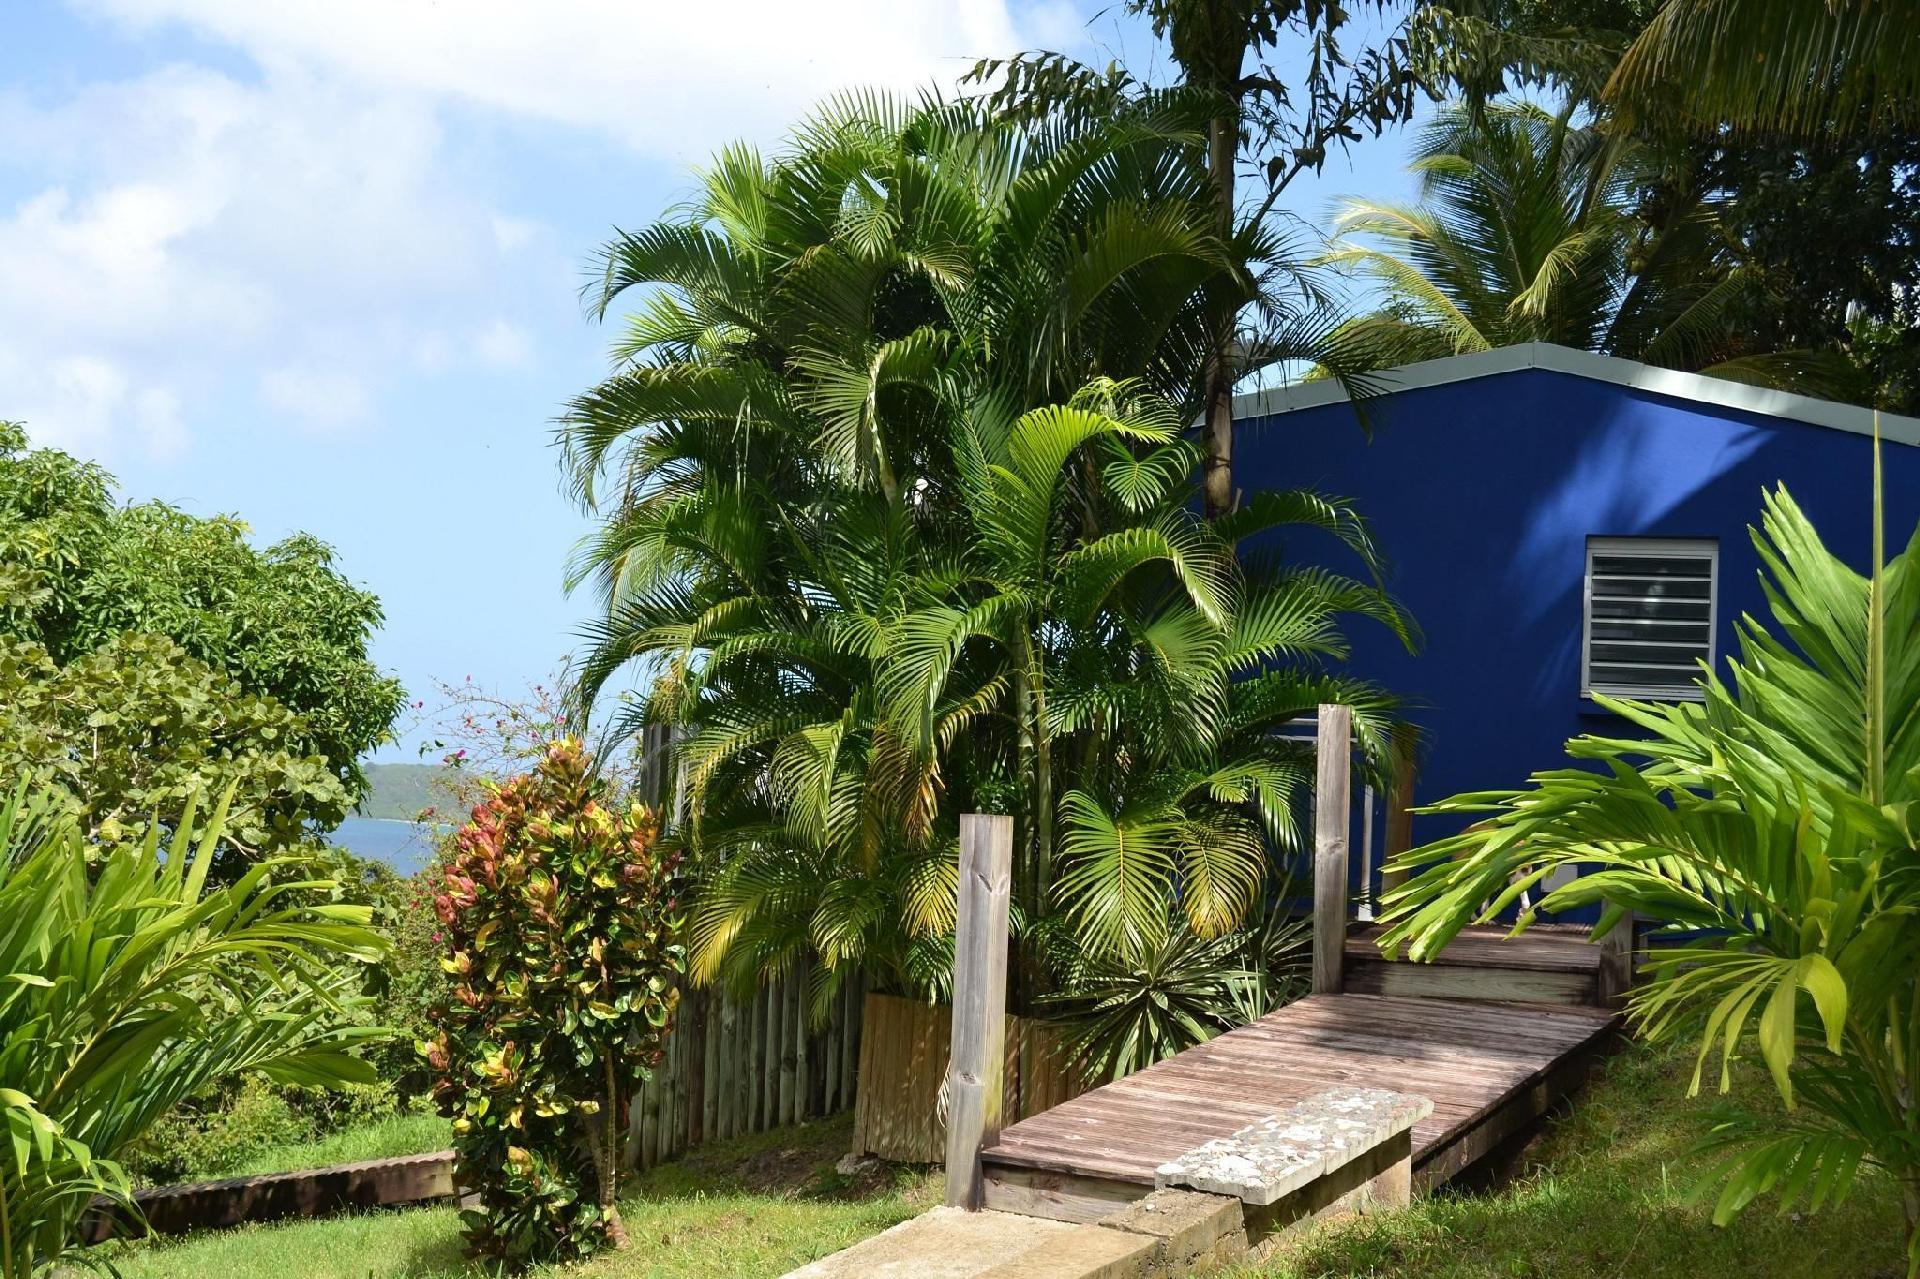 Ferienhaus für 2 Personen ca. 36 m² in D  in Guadeloupe